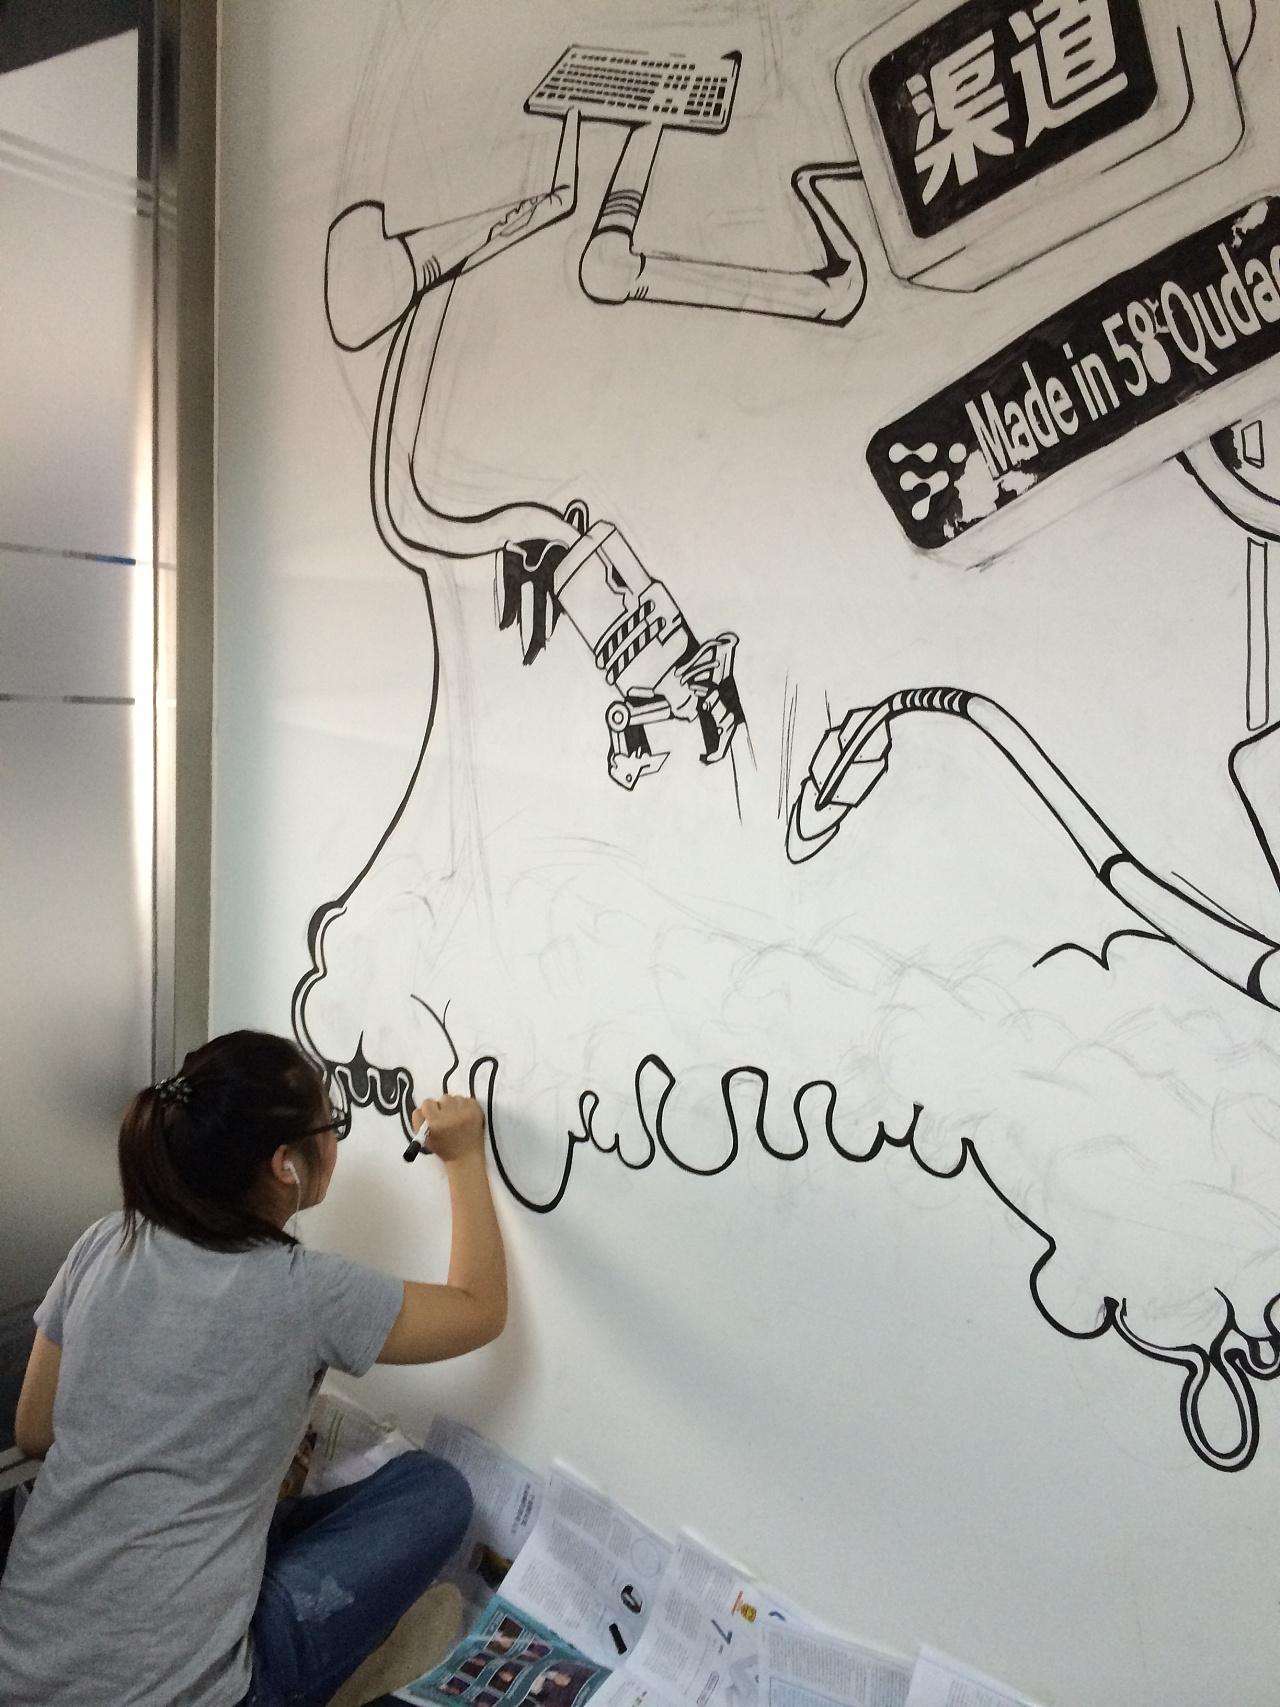 企业文化手绘墙|插画|涂鸦/潮流|生气有毒 - 原创作品